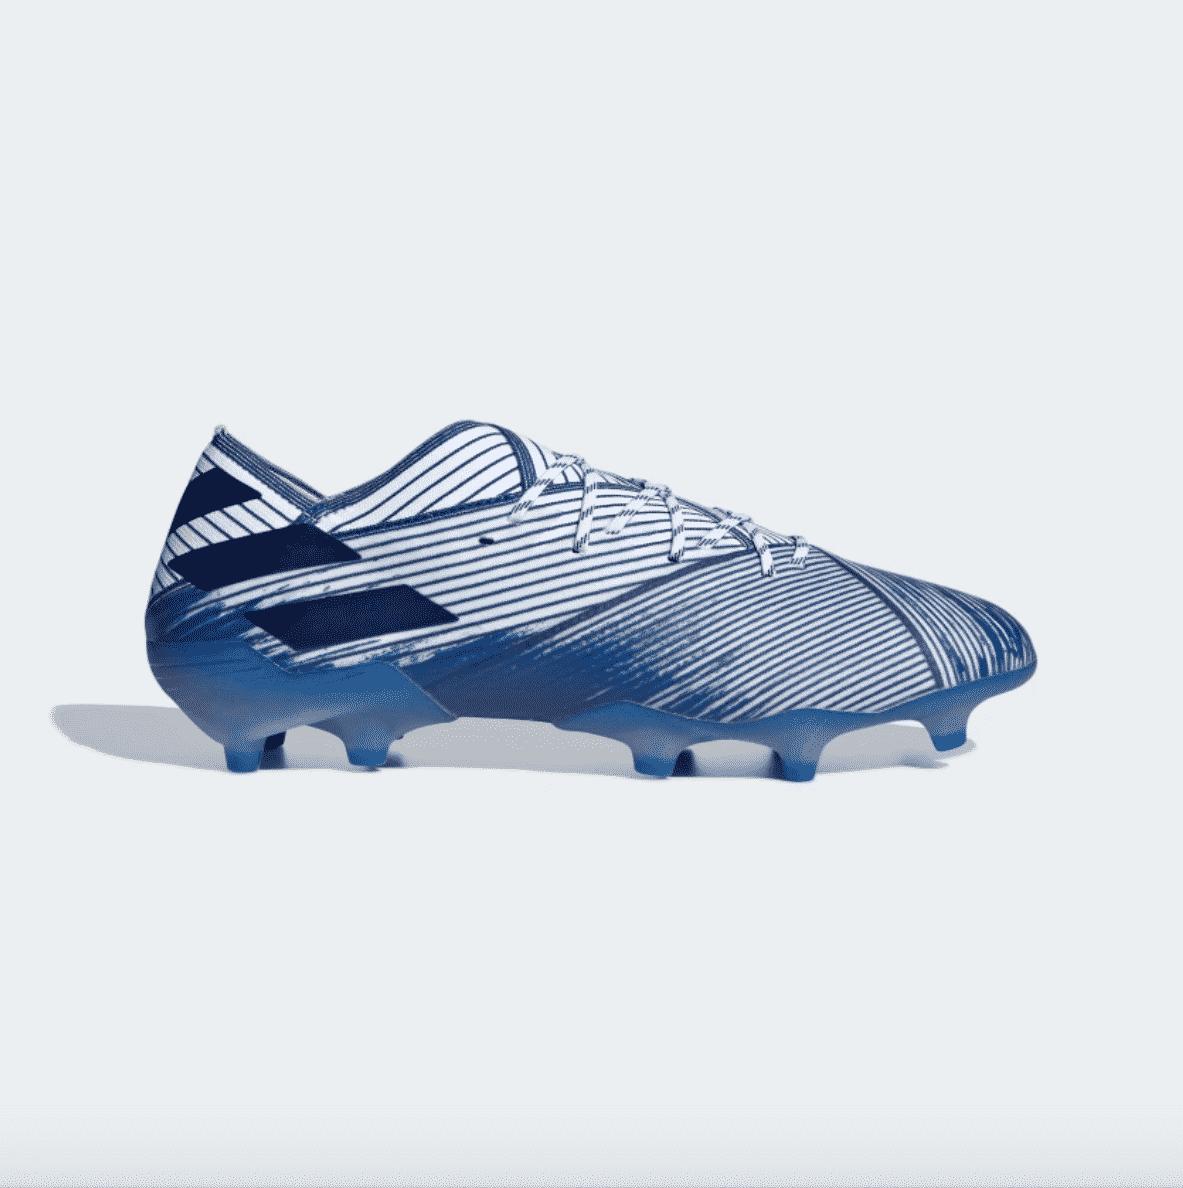 adidas-nemeziz-pack-mutator-janvier-2020-3